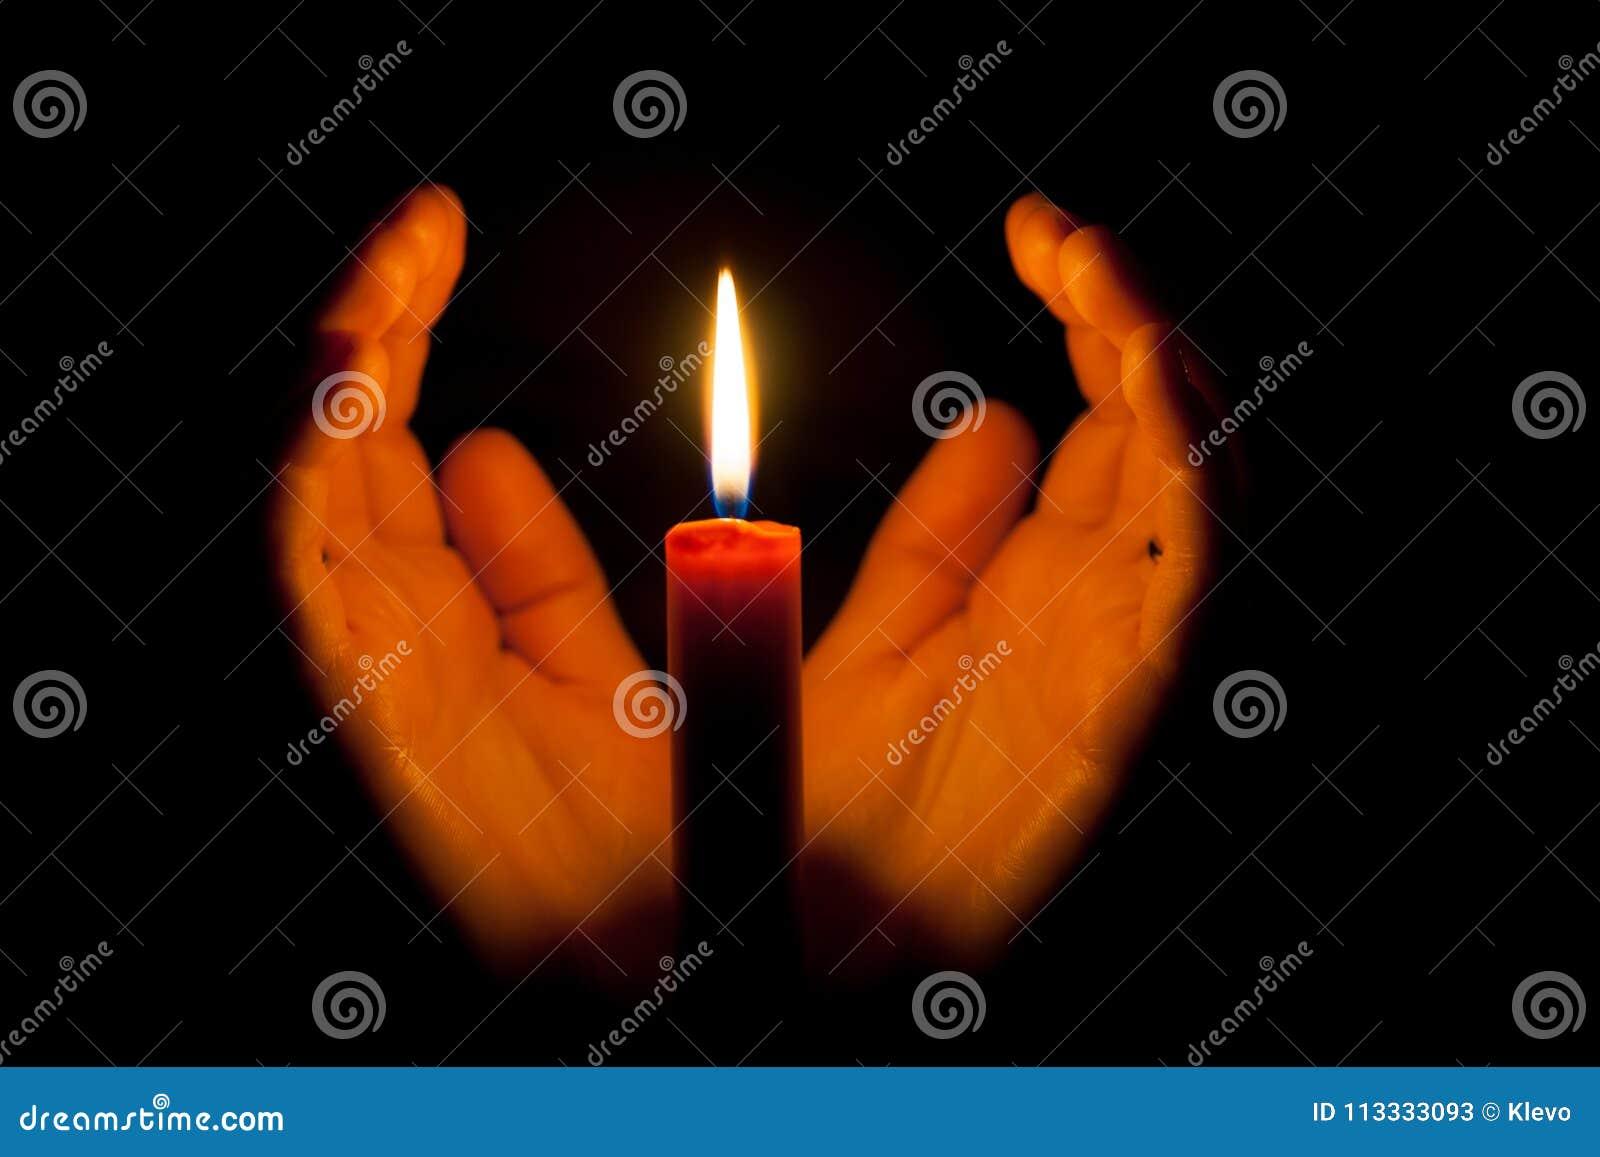 Uma vela ardente na noite, cercada pelas mãos de uma mulher Símbolo da vida, o amor e a luz, a proteção e o calor